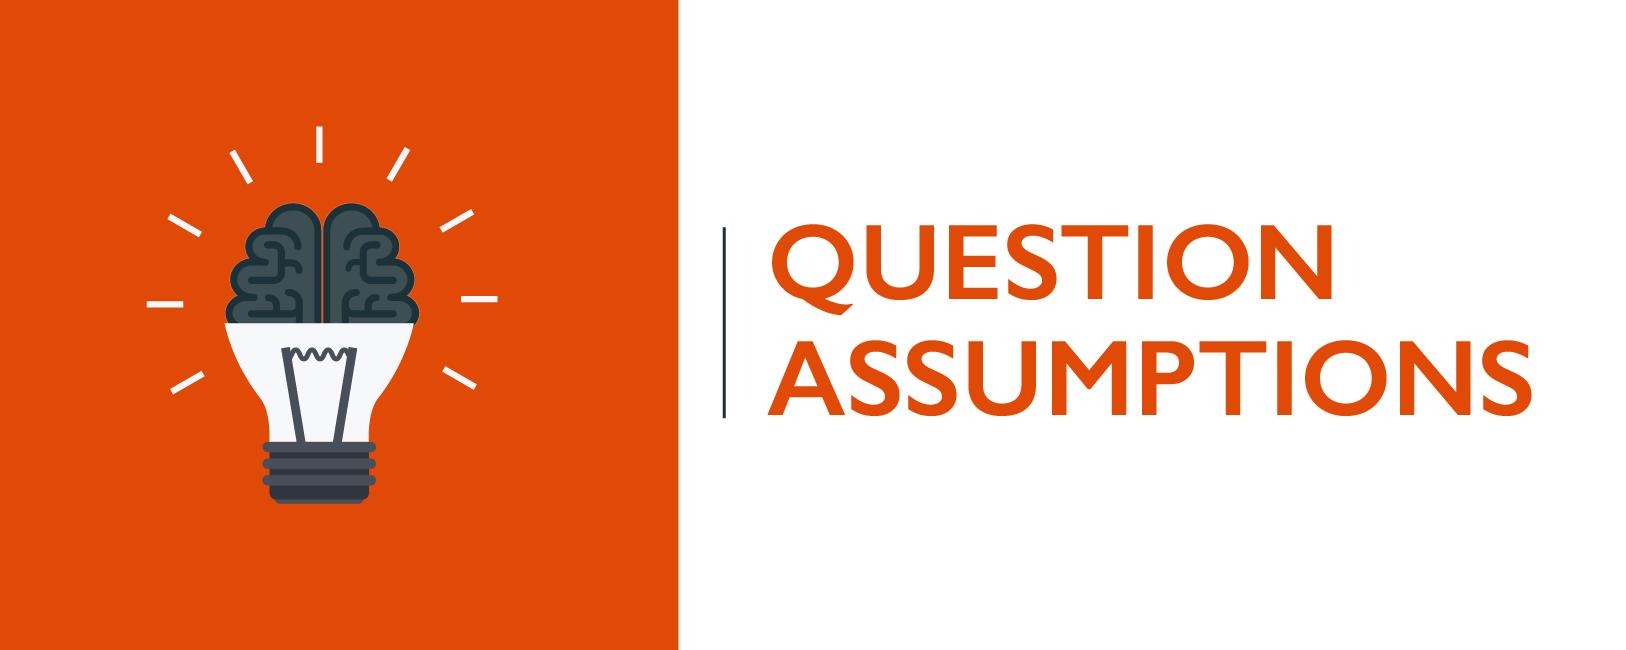 QUESTION ASSUMPTIONS-100.jpg